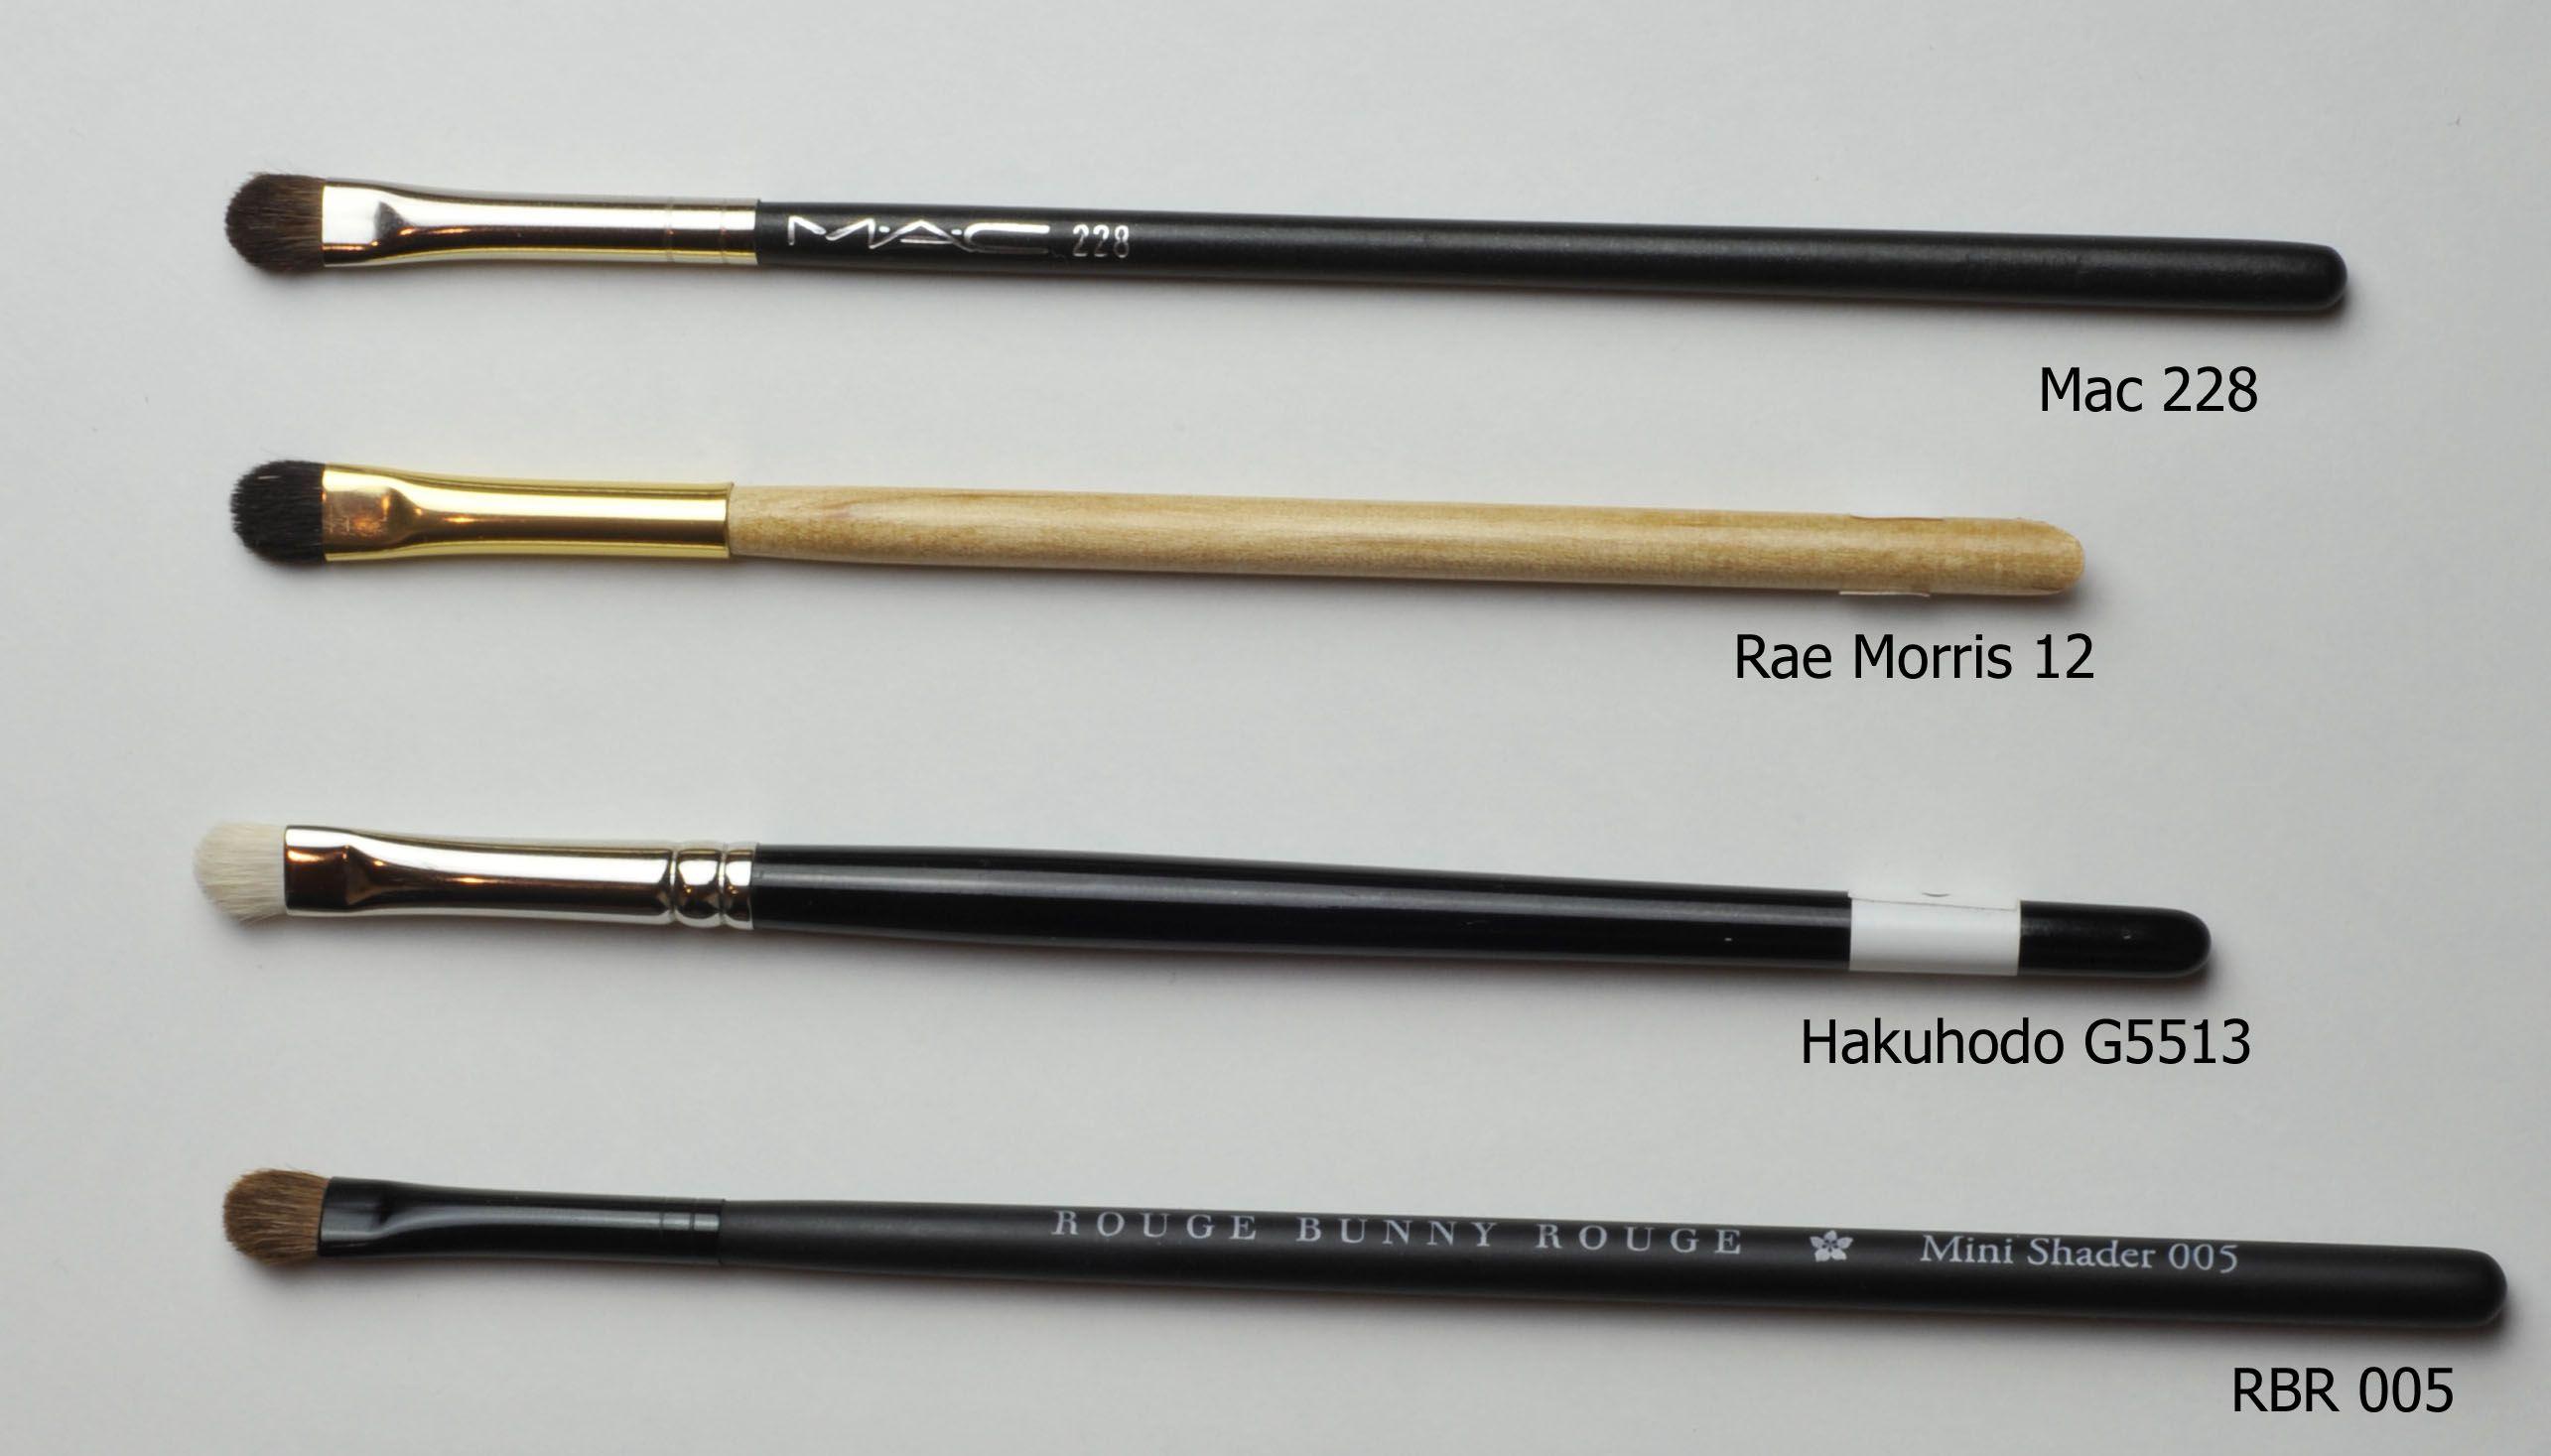 minishaders mac 228, Hakuhodo G5513 Eye brushes, Bling